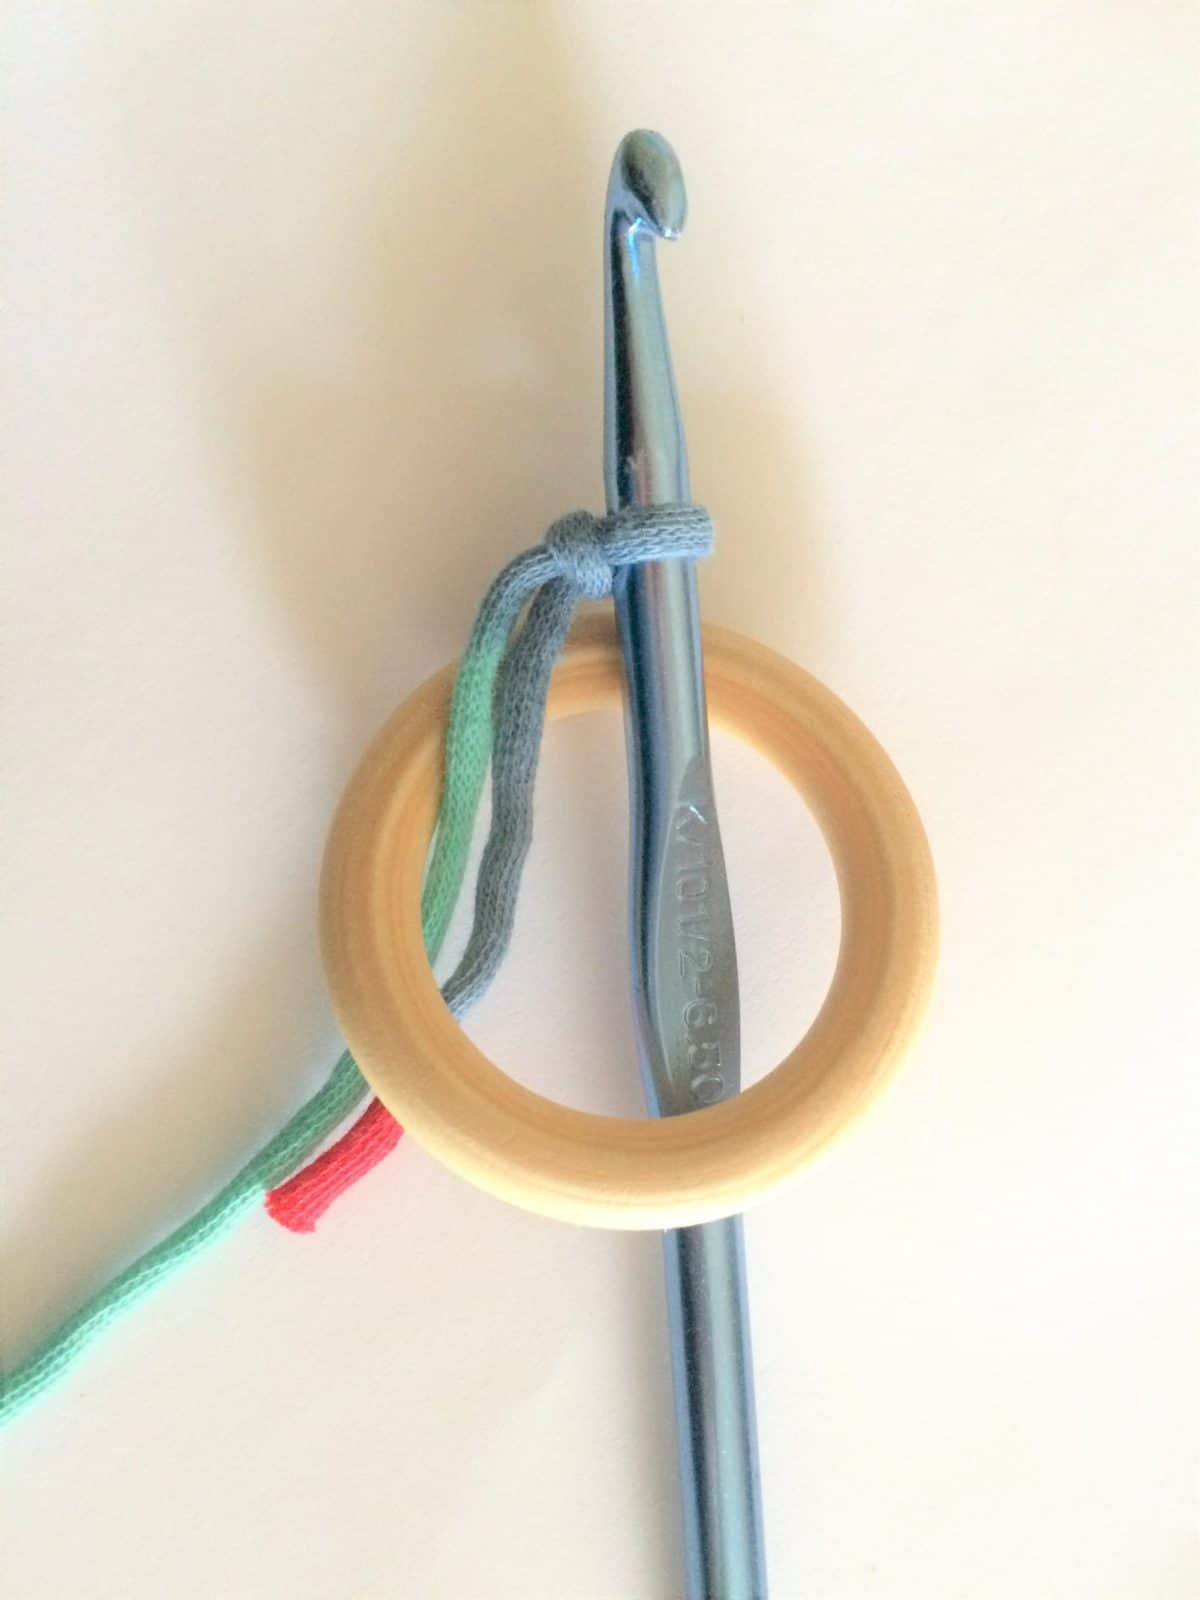 Crochet hook through wooden ring.